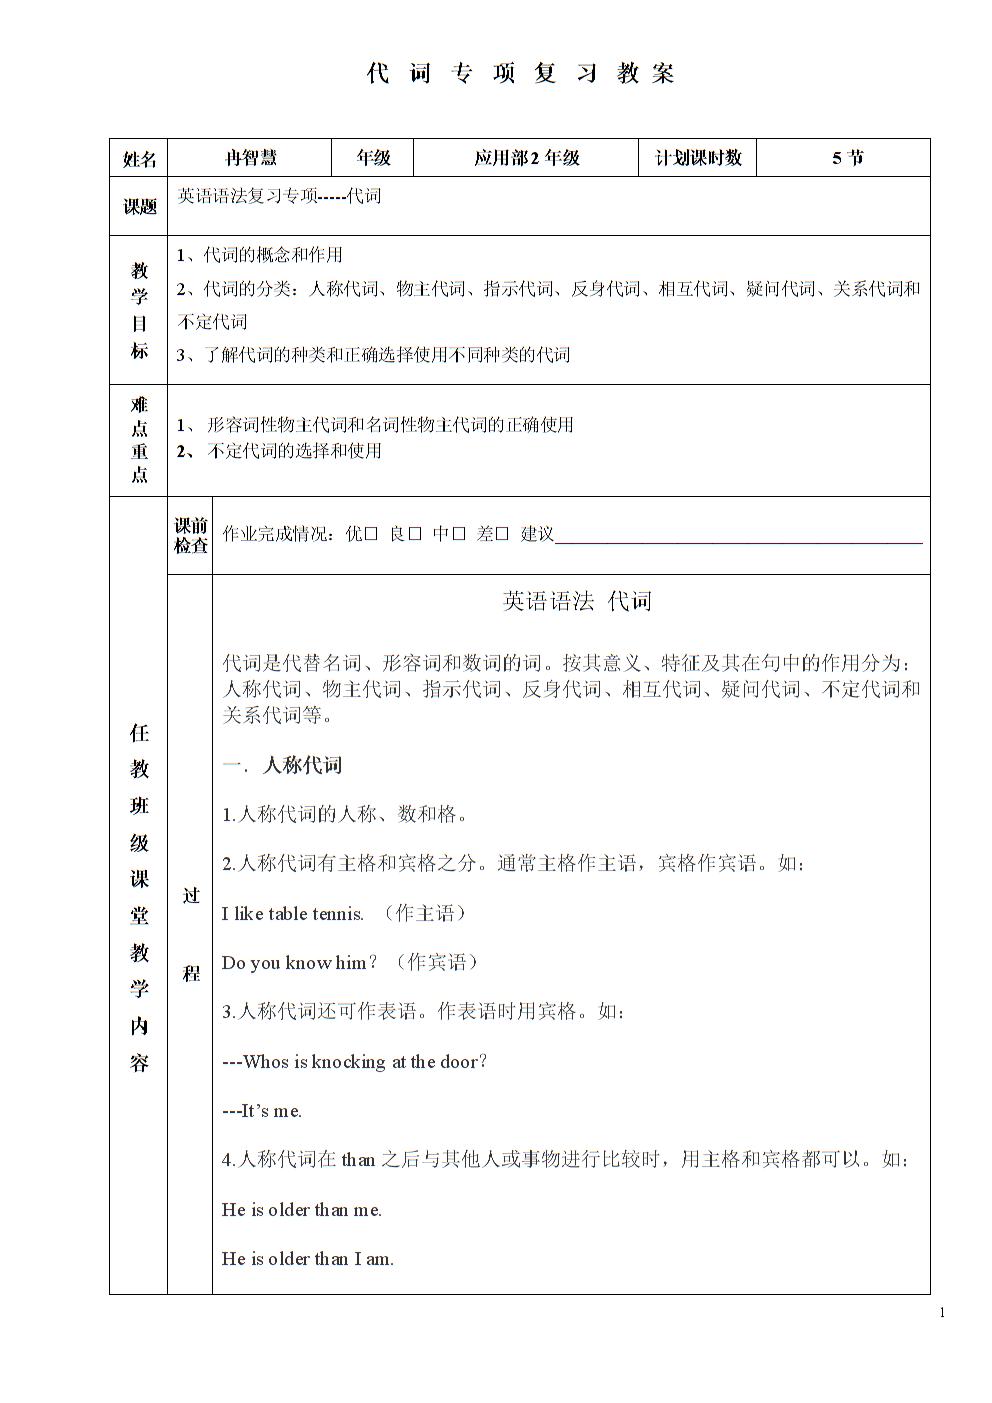 高中英语语法-高中名词v语法.doc芜湖足球教案图片